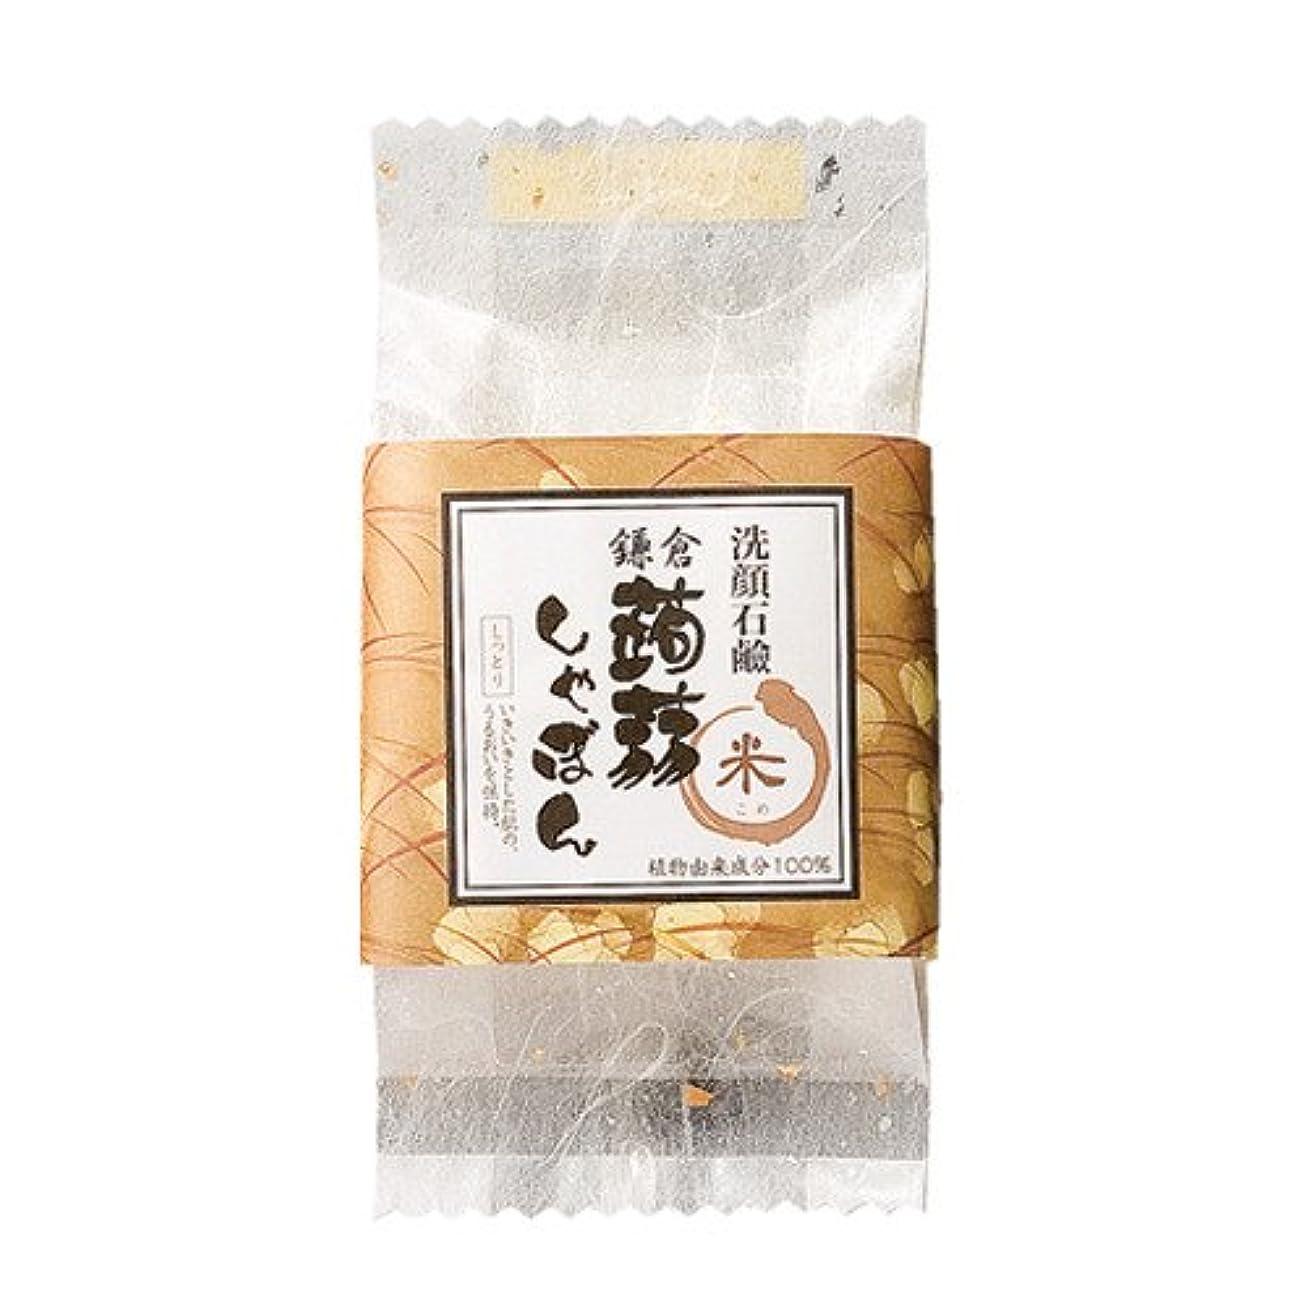 スタンドホテルモーター鎌倉 蒟蒻しゃぼん 米